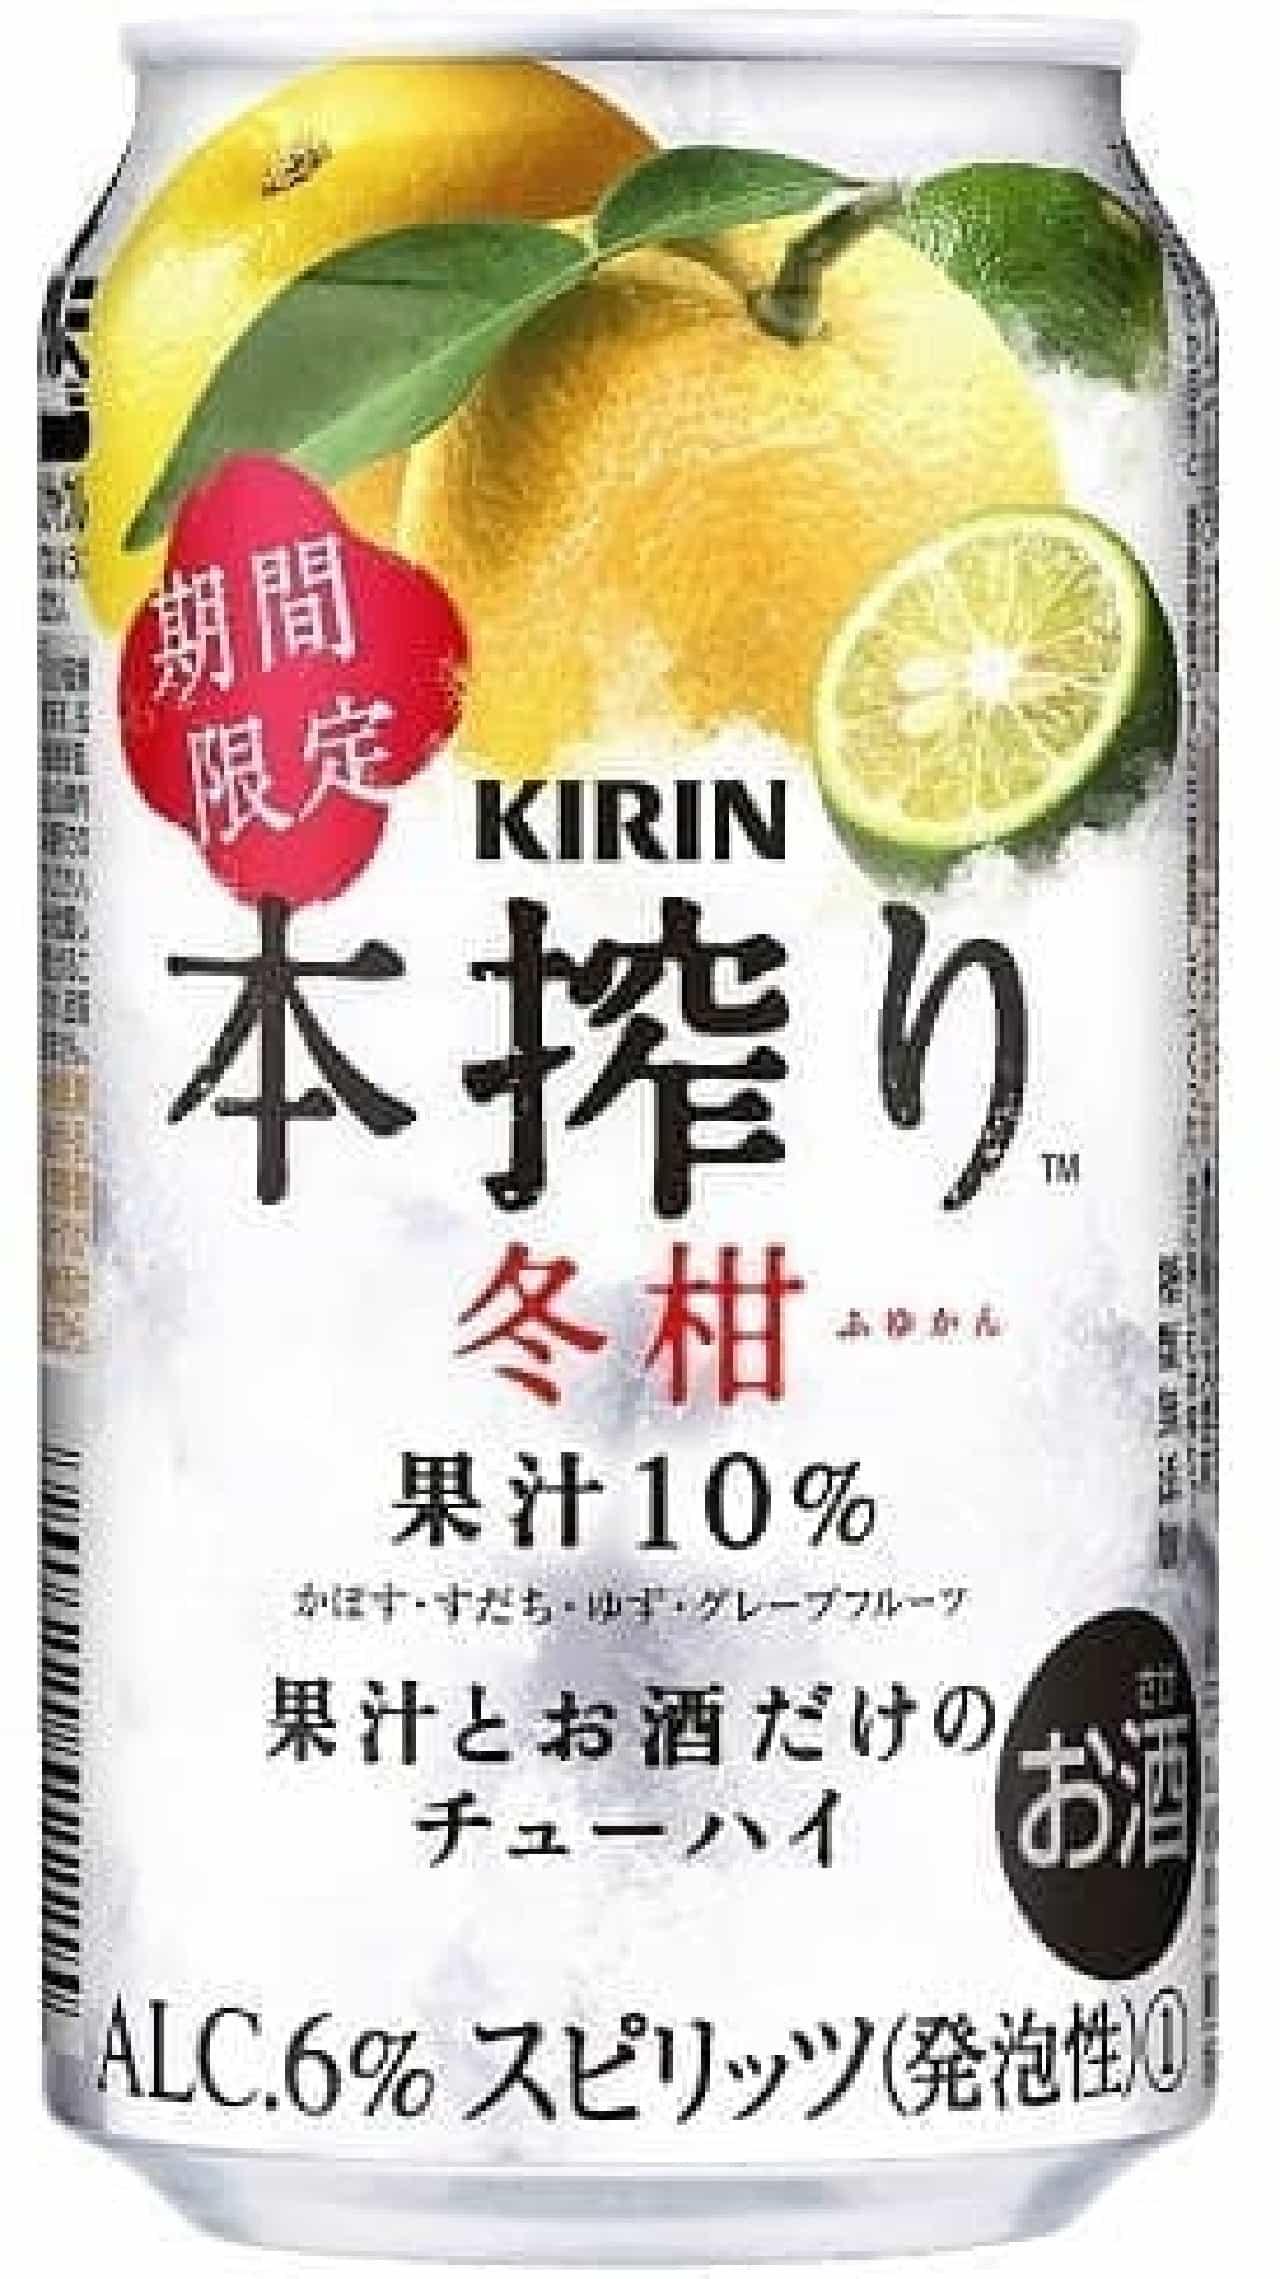 キリンビール「キリン 本搾りチューハイ 冬柑(ふゆかん)<期間限定>」